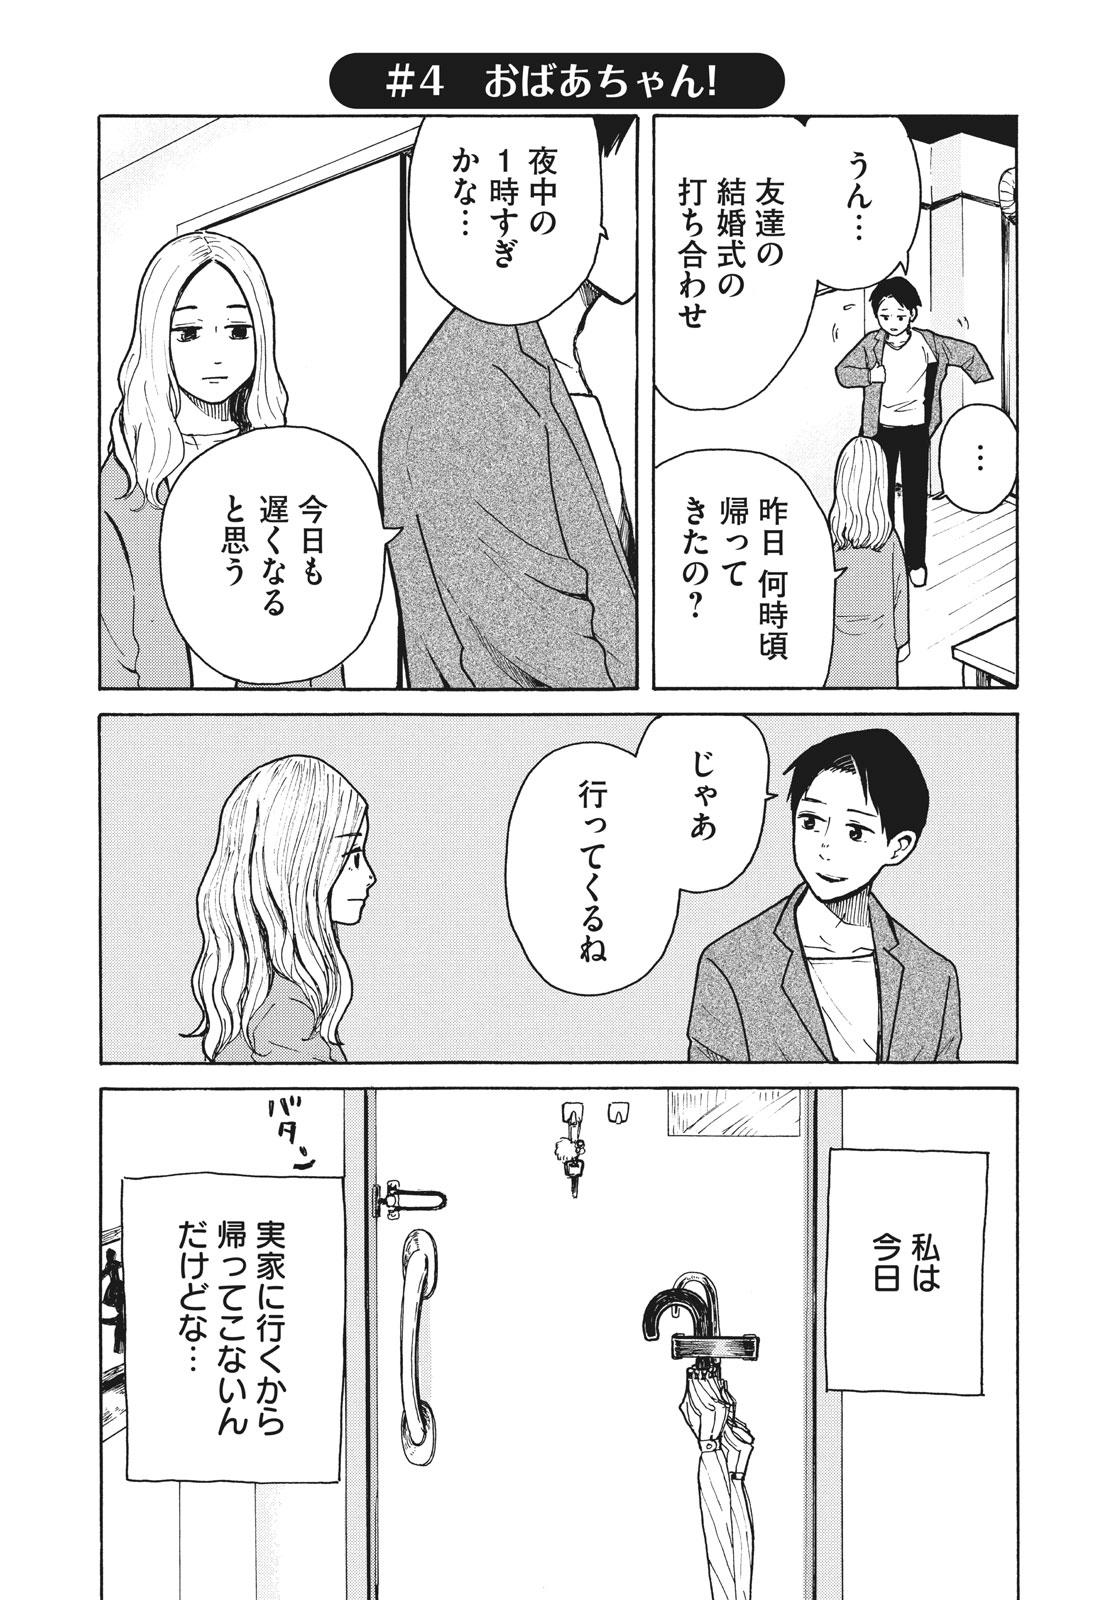 002_30譌・_2019_004_E.jpg